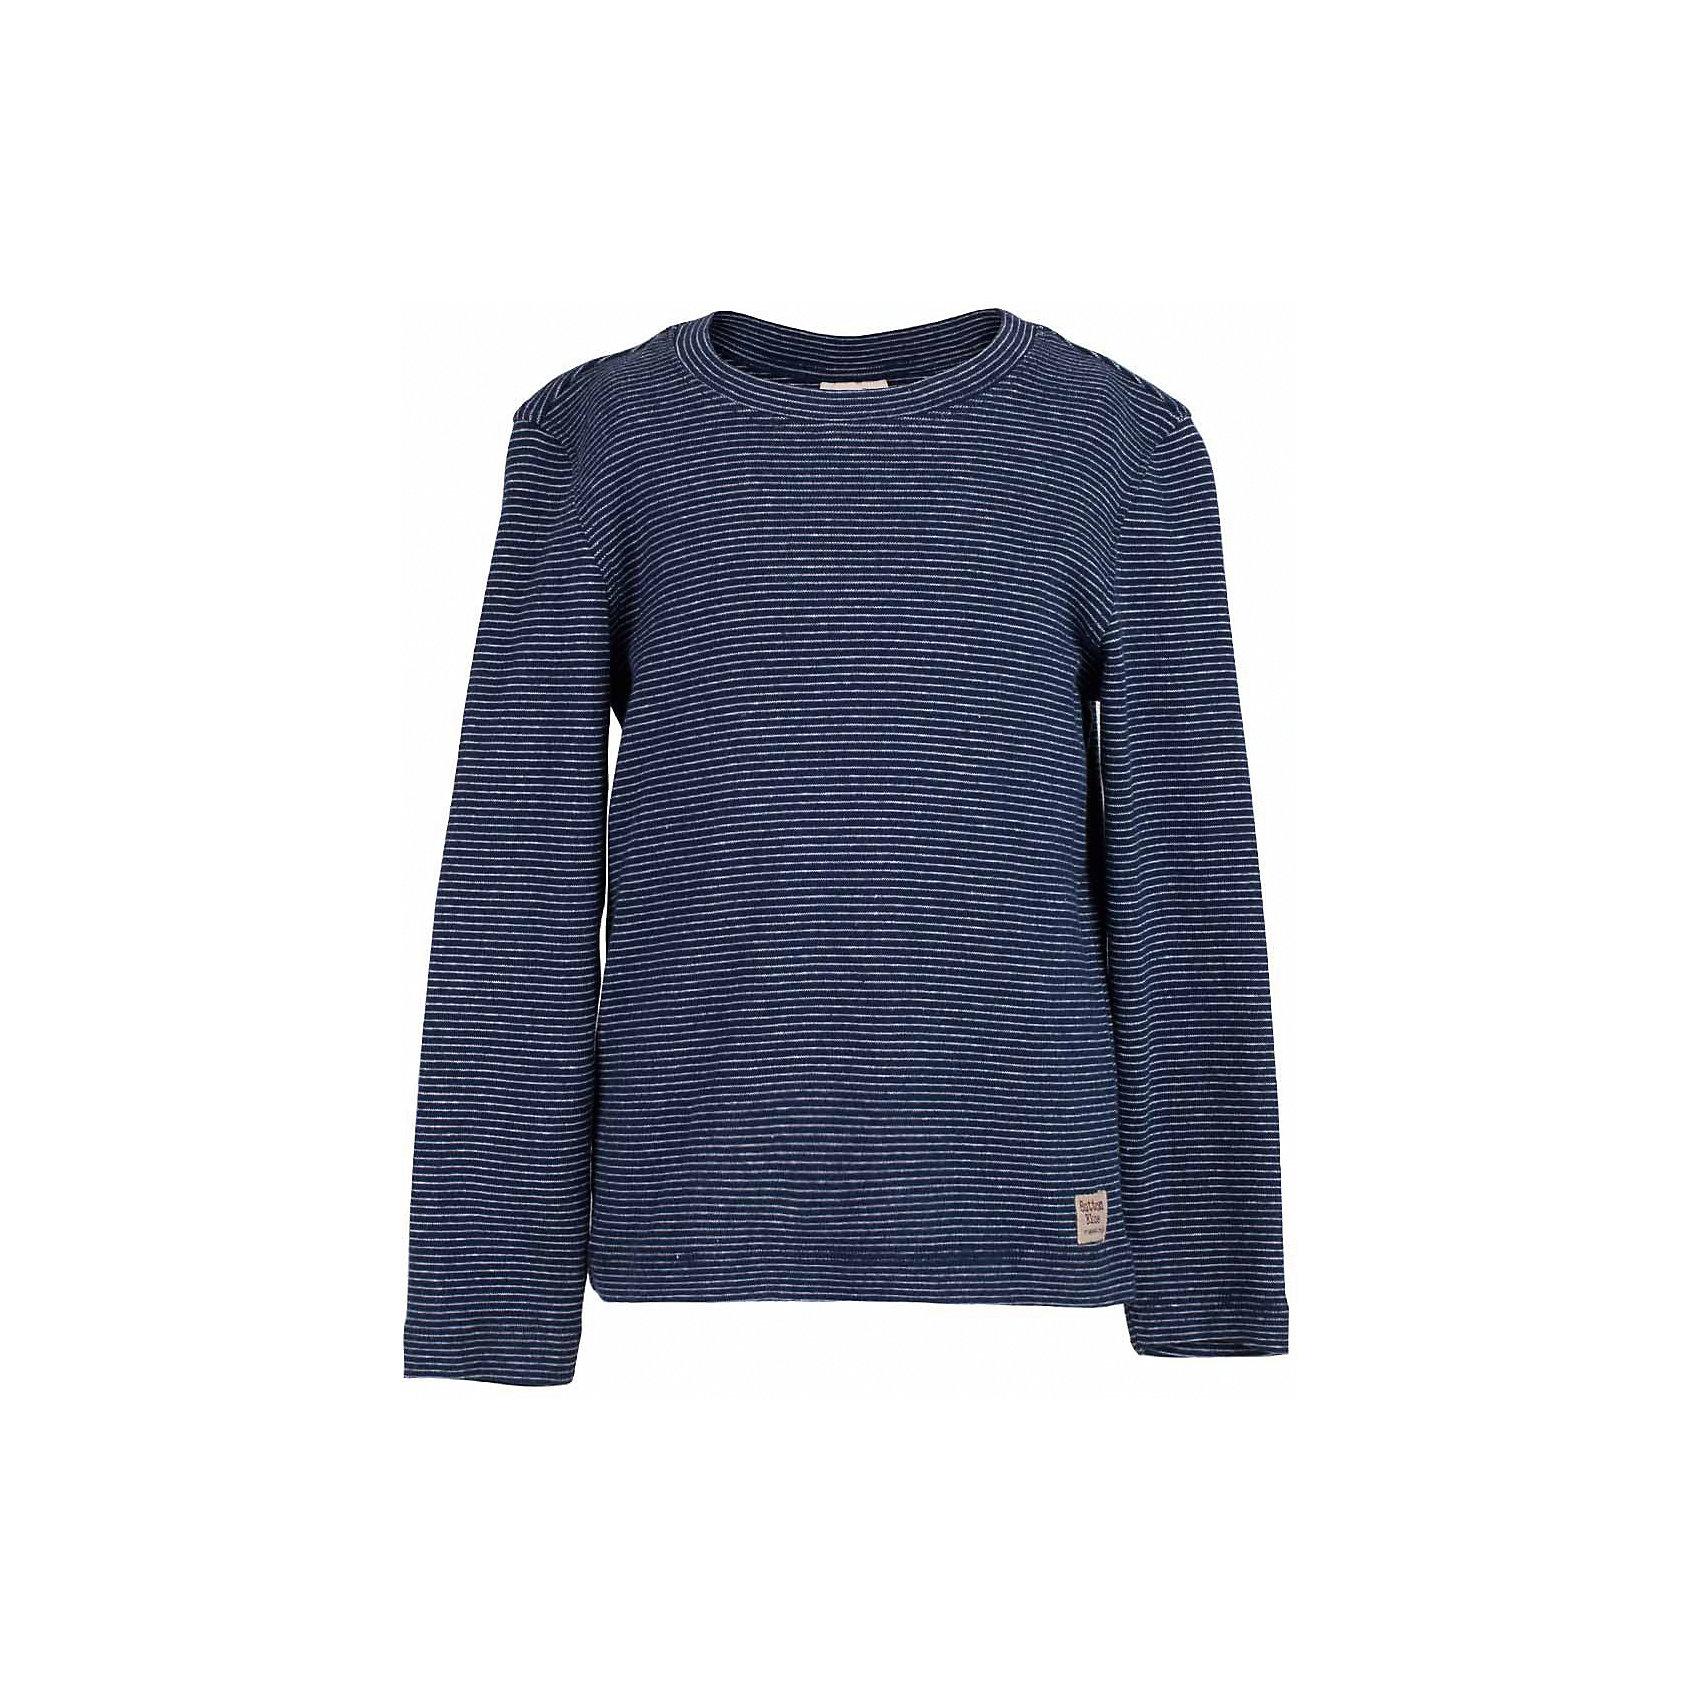 Футболка с длинным рукавом для мальчика  BUTTON BLUEФутболки с длинным рукавом<br>Футболка для мальчика  BUTTON BLUE<br>Синяя футболка в полоску - основа модного образа! Если вы решили купить недорогую футболку для мальчика, которая и весной, и летом будет весьма востребована, выберете полосатую футболку с длинным рукавом от Button Blue! Низкая цена изделия не окажет влияния на бюджет семьи, позволив создать интересный и разнообразный гардероб ребенка.<br>Состав:<br>95% хлопок 5% эластан<br><br>Ширина мм: 199<br>Глубина мм: 10<br>Высота мм: 161<br>Вес г: 151<br>Цвет: синий<br>Возраст от месяцев: 144<br>Возраст до месяцев: 156<br>Пол: Мужской<br>Возраст: Детский<br>Размер: 158,98,104,110,116,122,128,134,140,146,152<br>SKU: 5524332